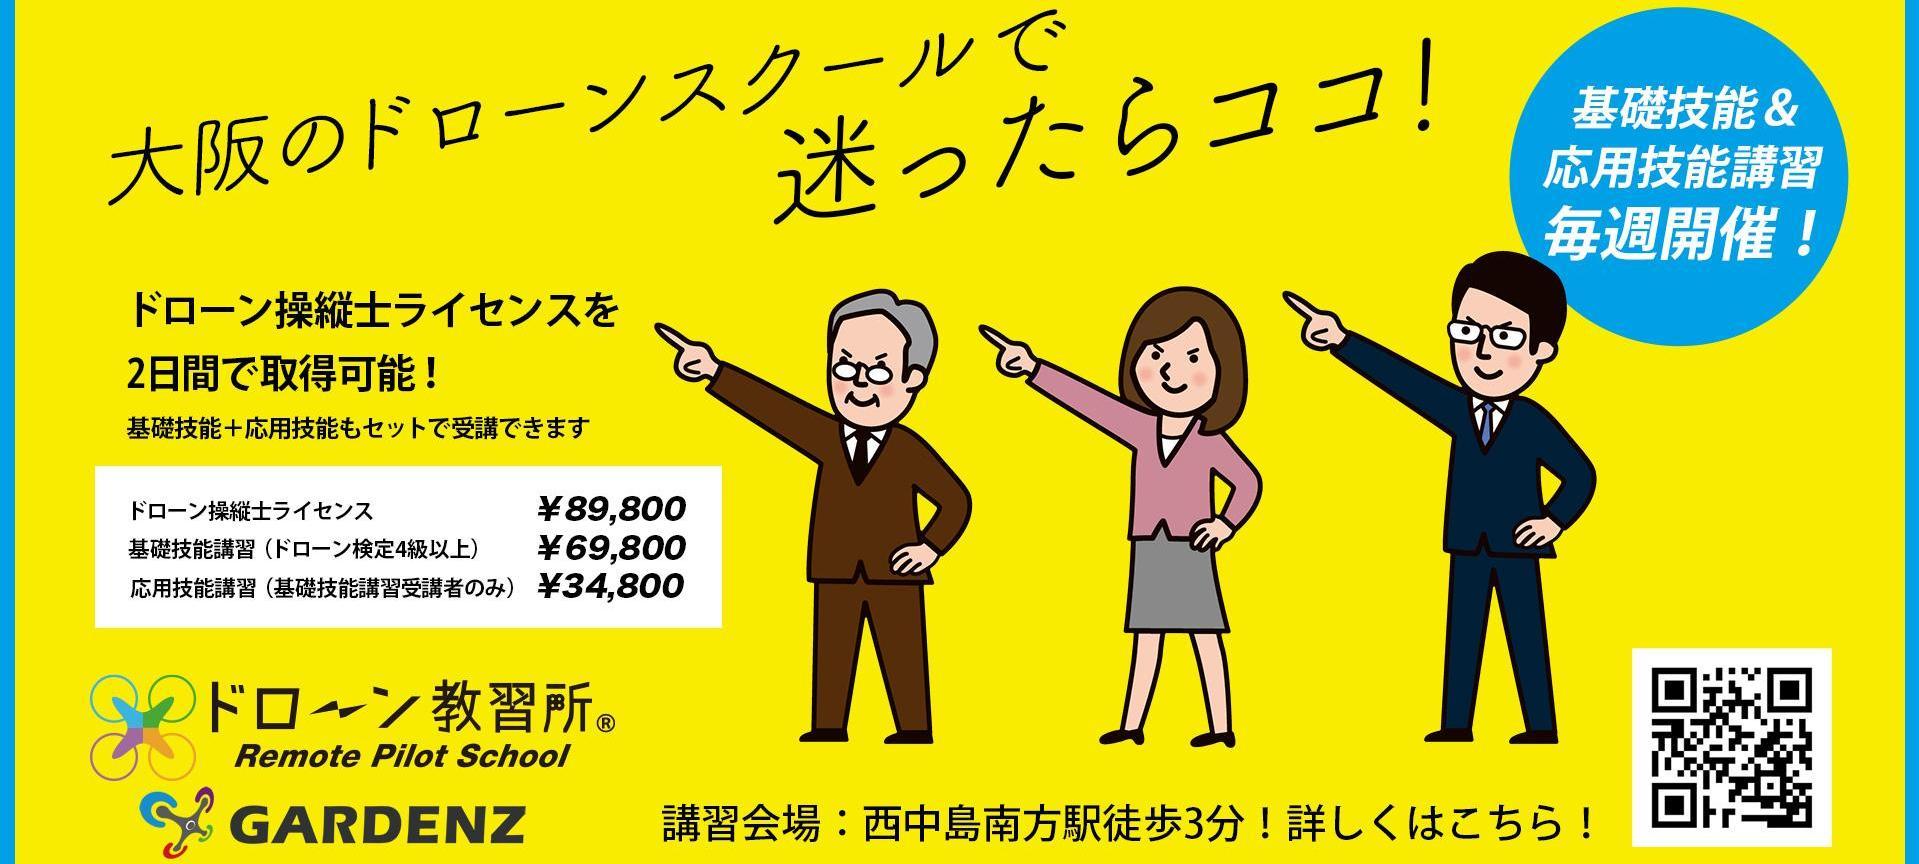 ドローン教習所GARDENZ Drone School 大阪校メイン画像